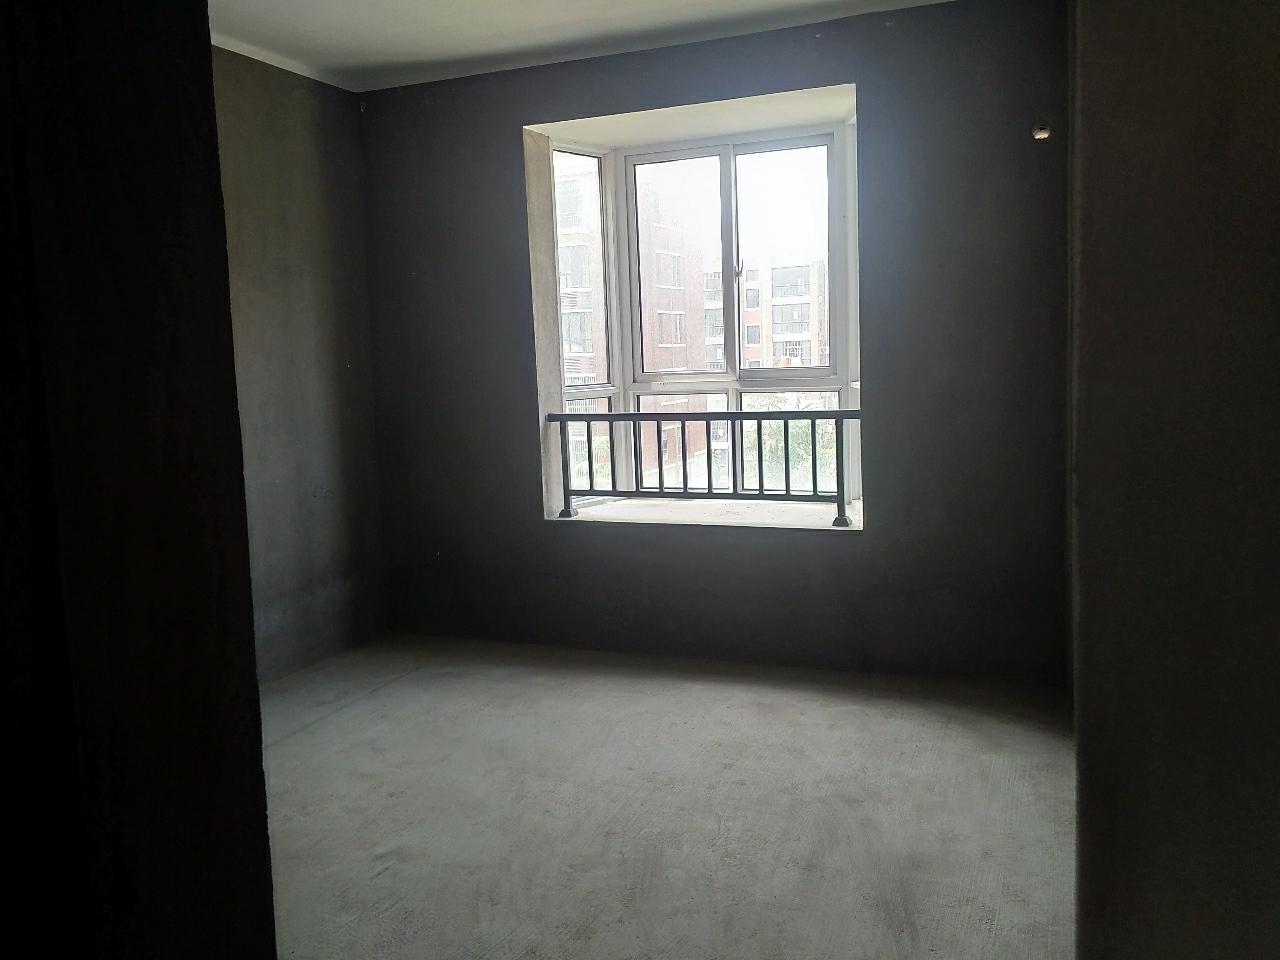 萬基大觀天下電梯五樓3室2廳1衛64萬元